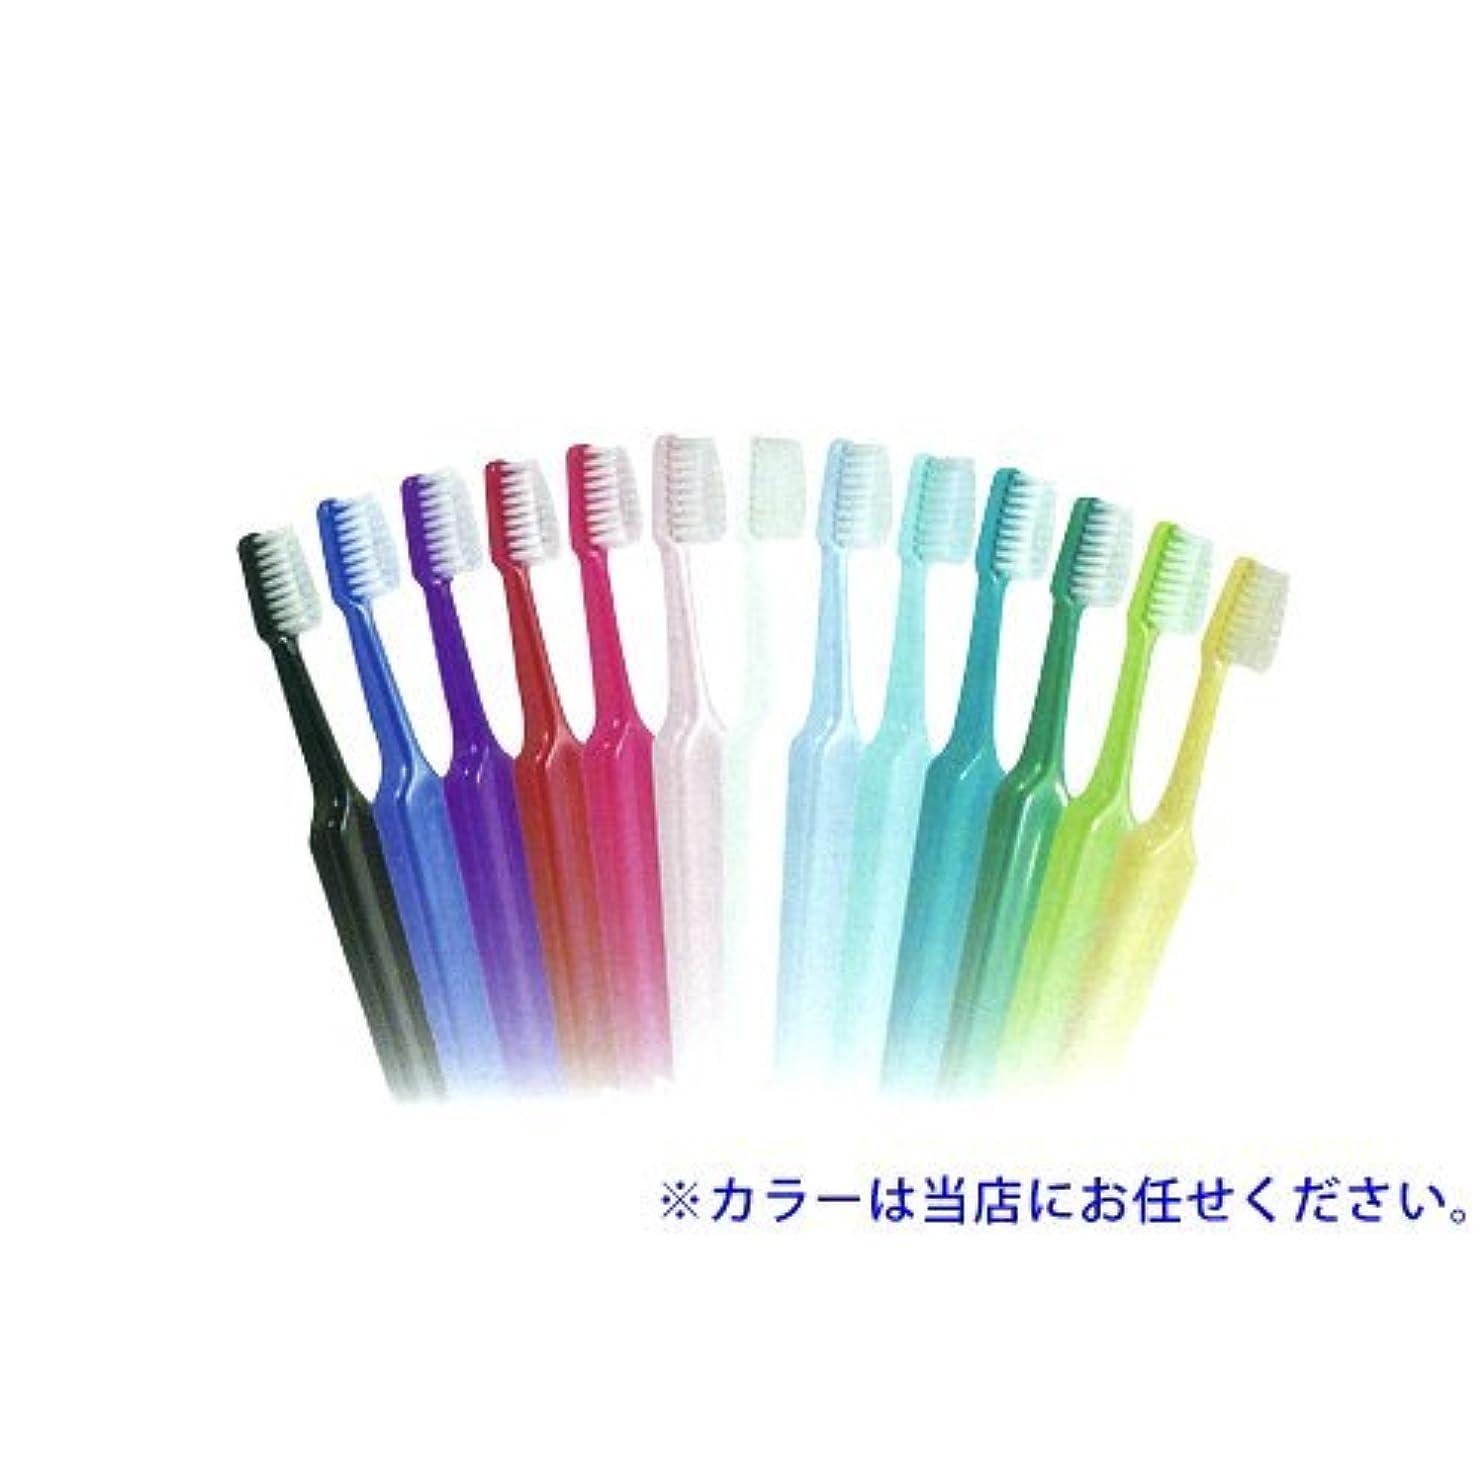 講師ジャンク品種クロスフィールド TePe テペ セレクトミニ 歯ブラシ 1本 エクストラソフト